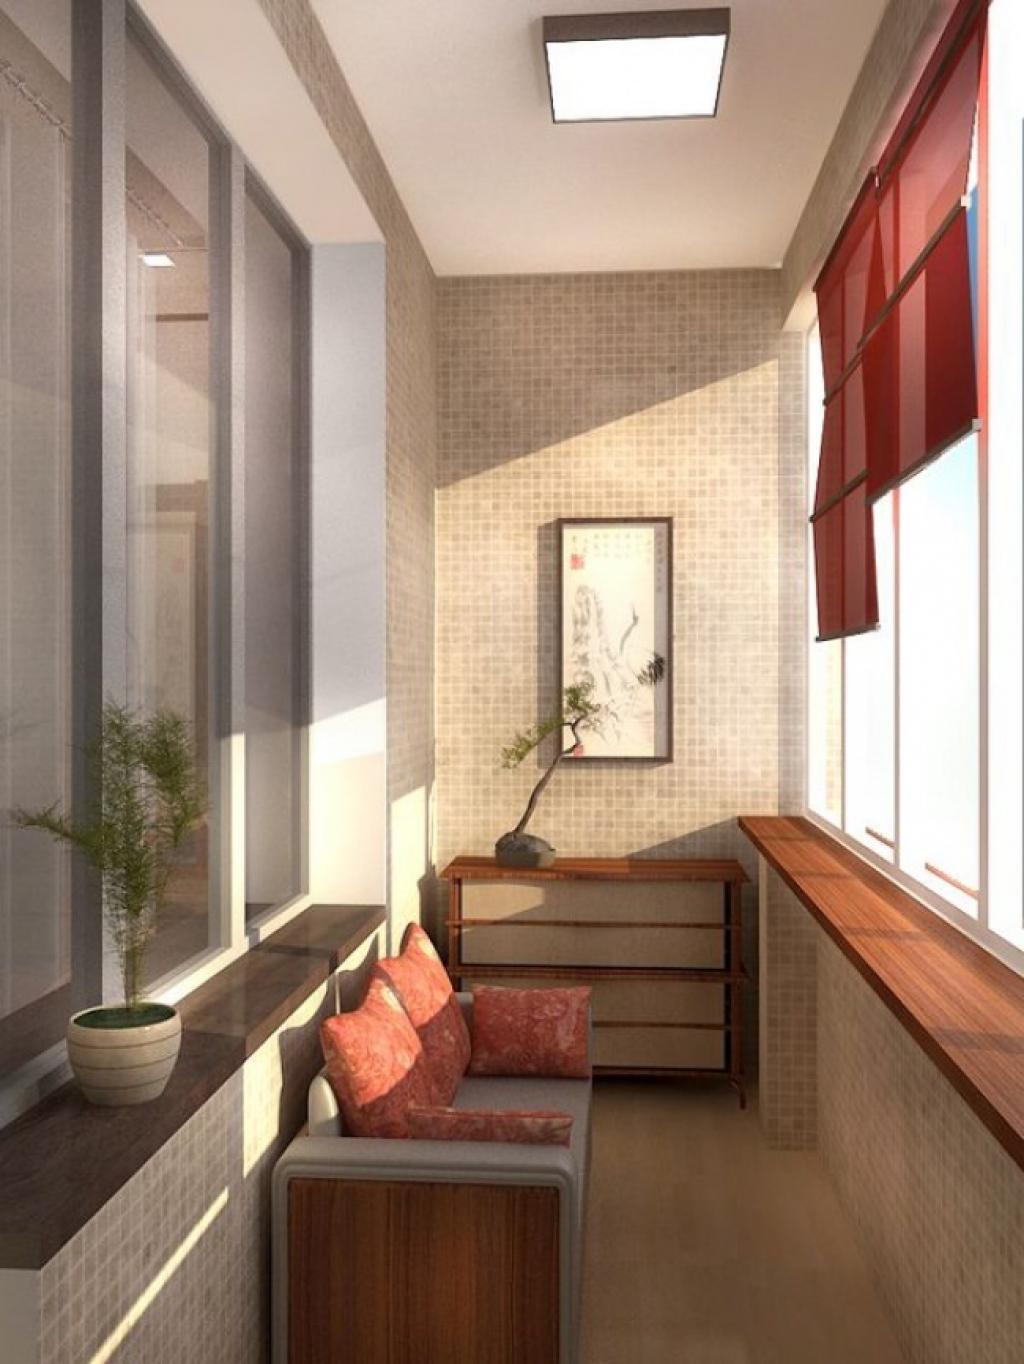 дизайн маленькой квартиры в японском стиле фото 19